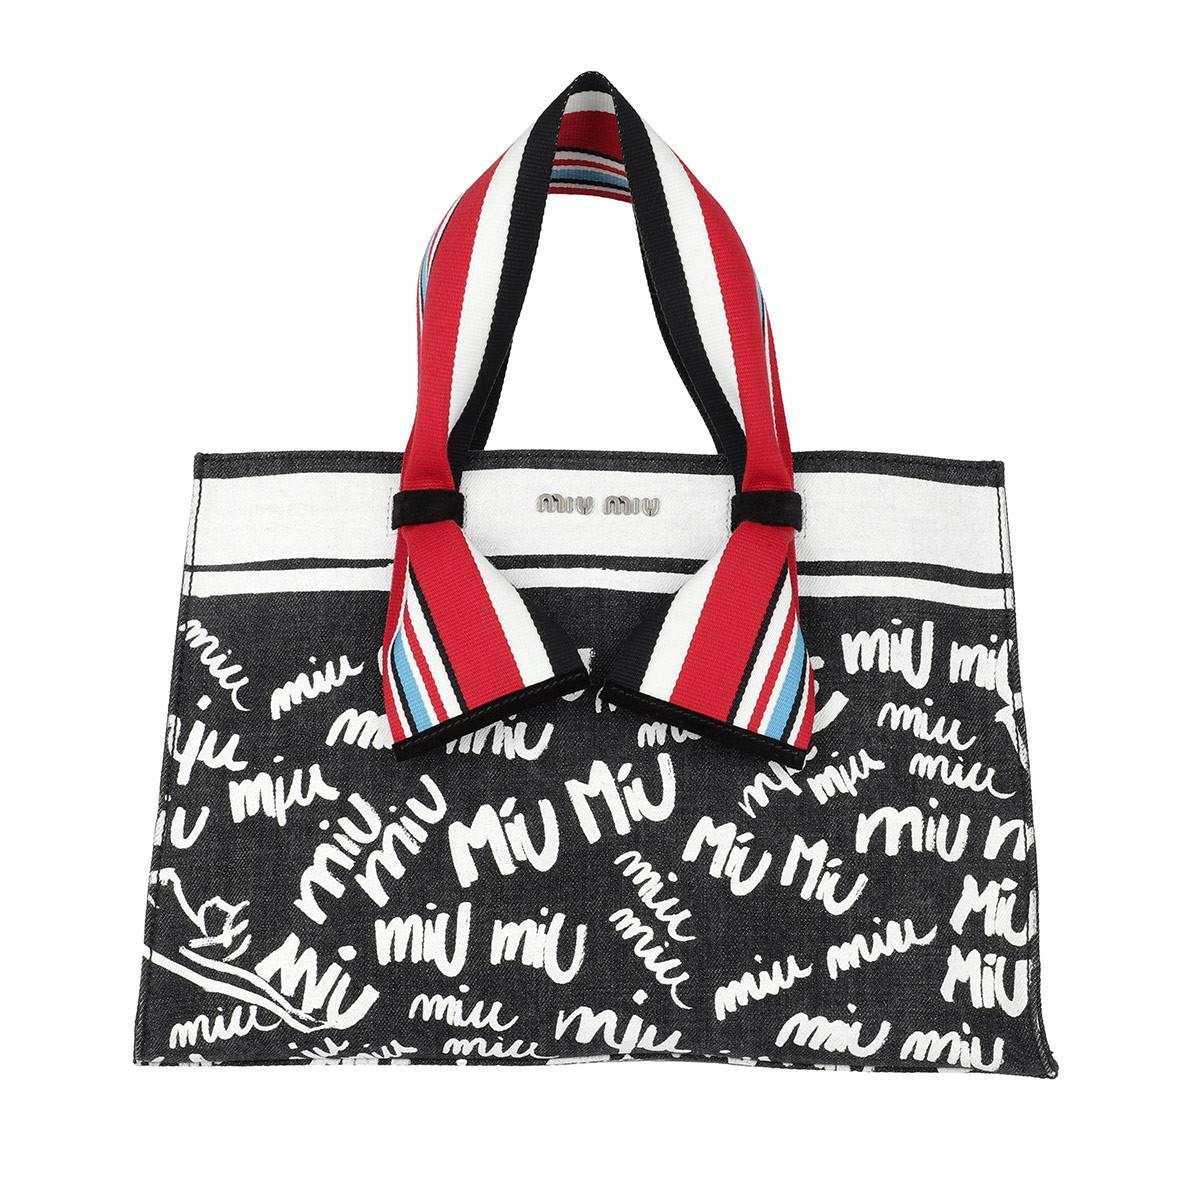 ff21db3271a9 Miu Miu Denim Logo Shopping Bag Nero bianco - Lyst